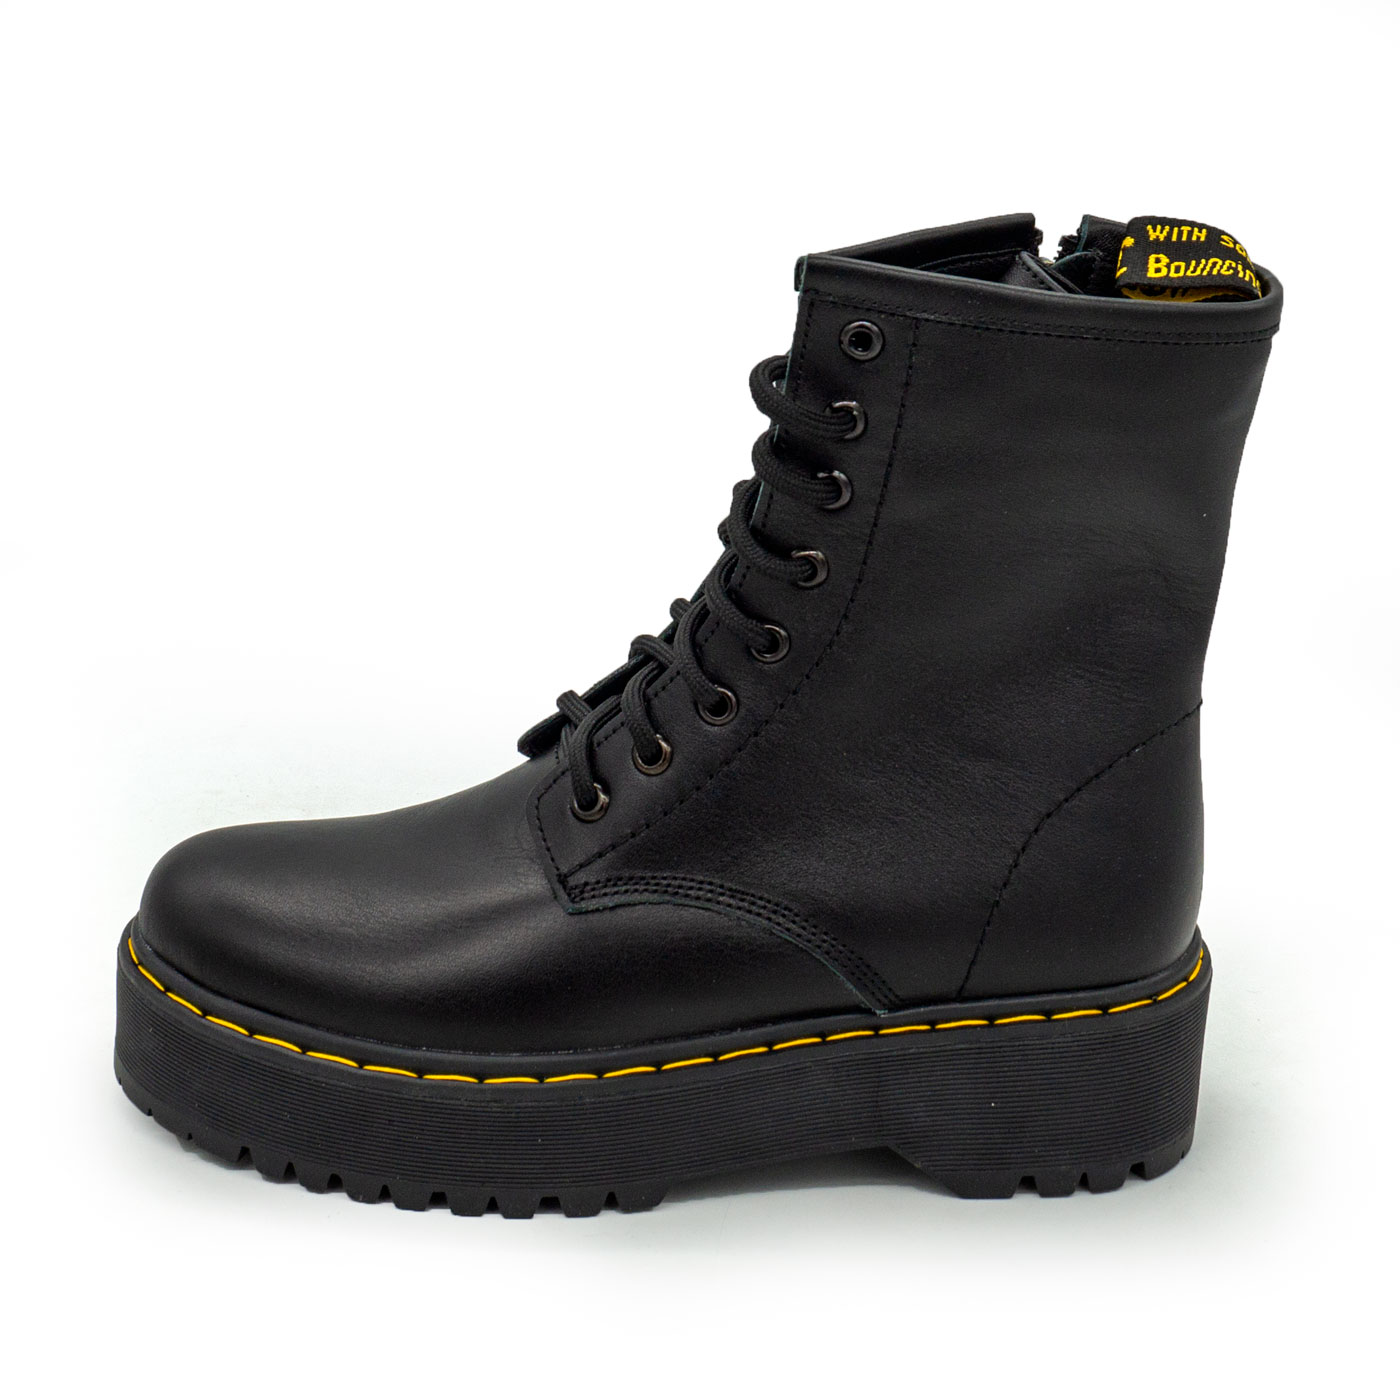 фото main Зимние черные женские ботинки в Dr. Martens на платформе - 003 main